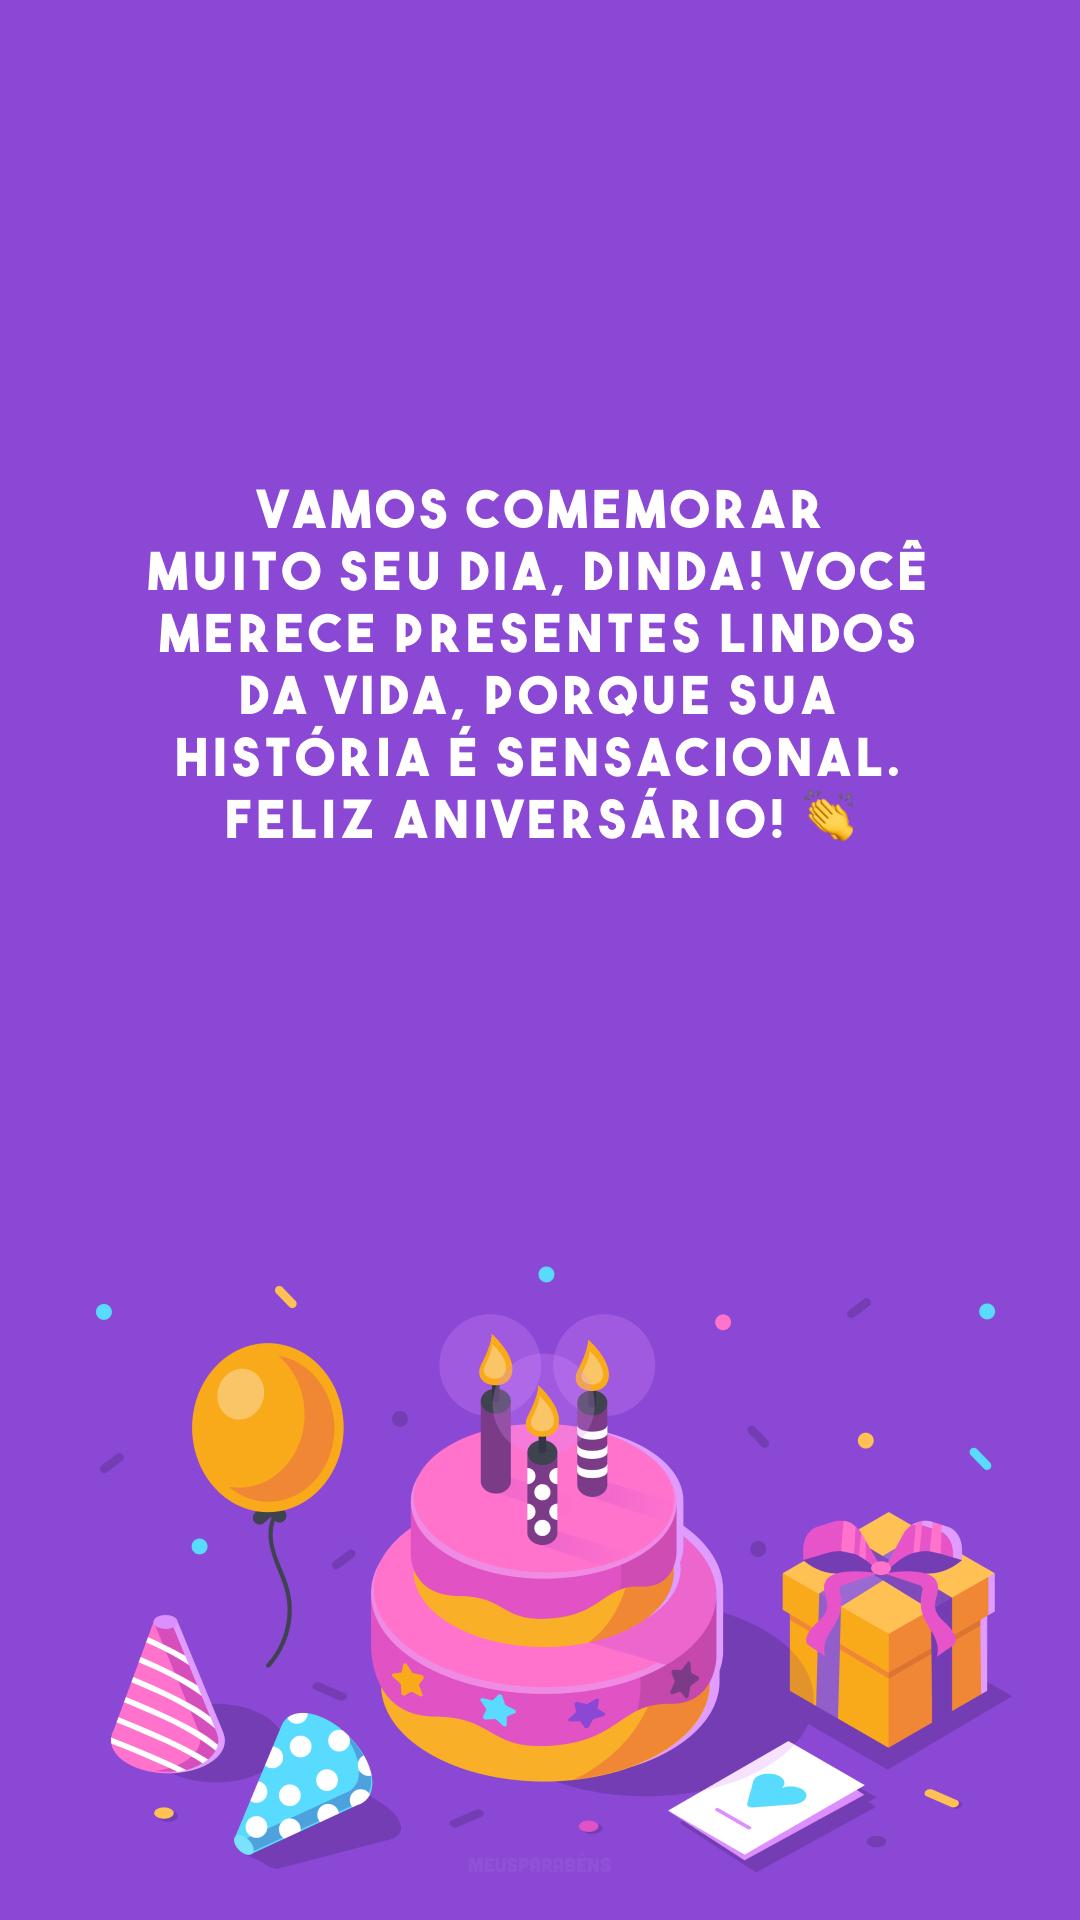 Vamos comemorar muito seu dia, dinda! Você merece presentes lindos da vida, porque sua história é sensacional. Feliz aniversário! 👏